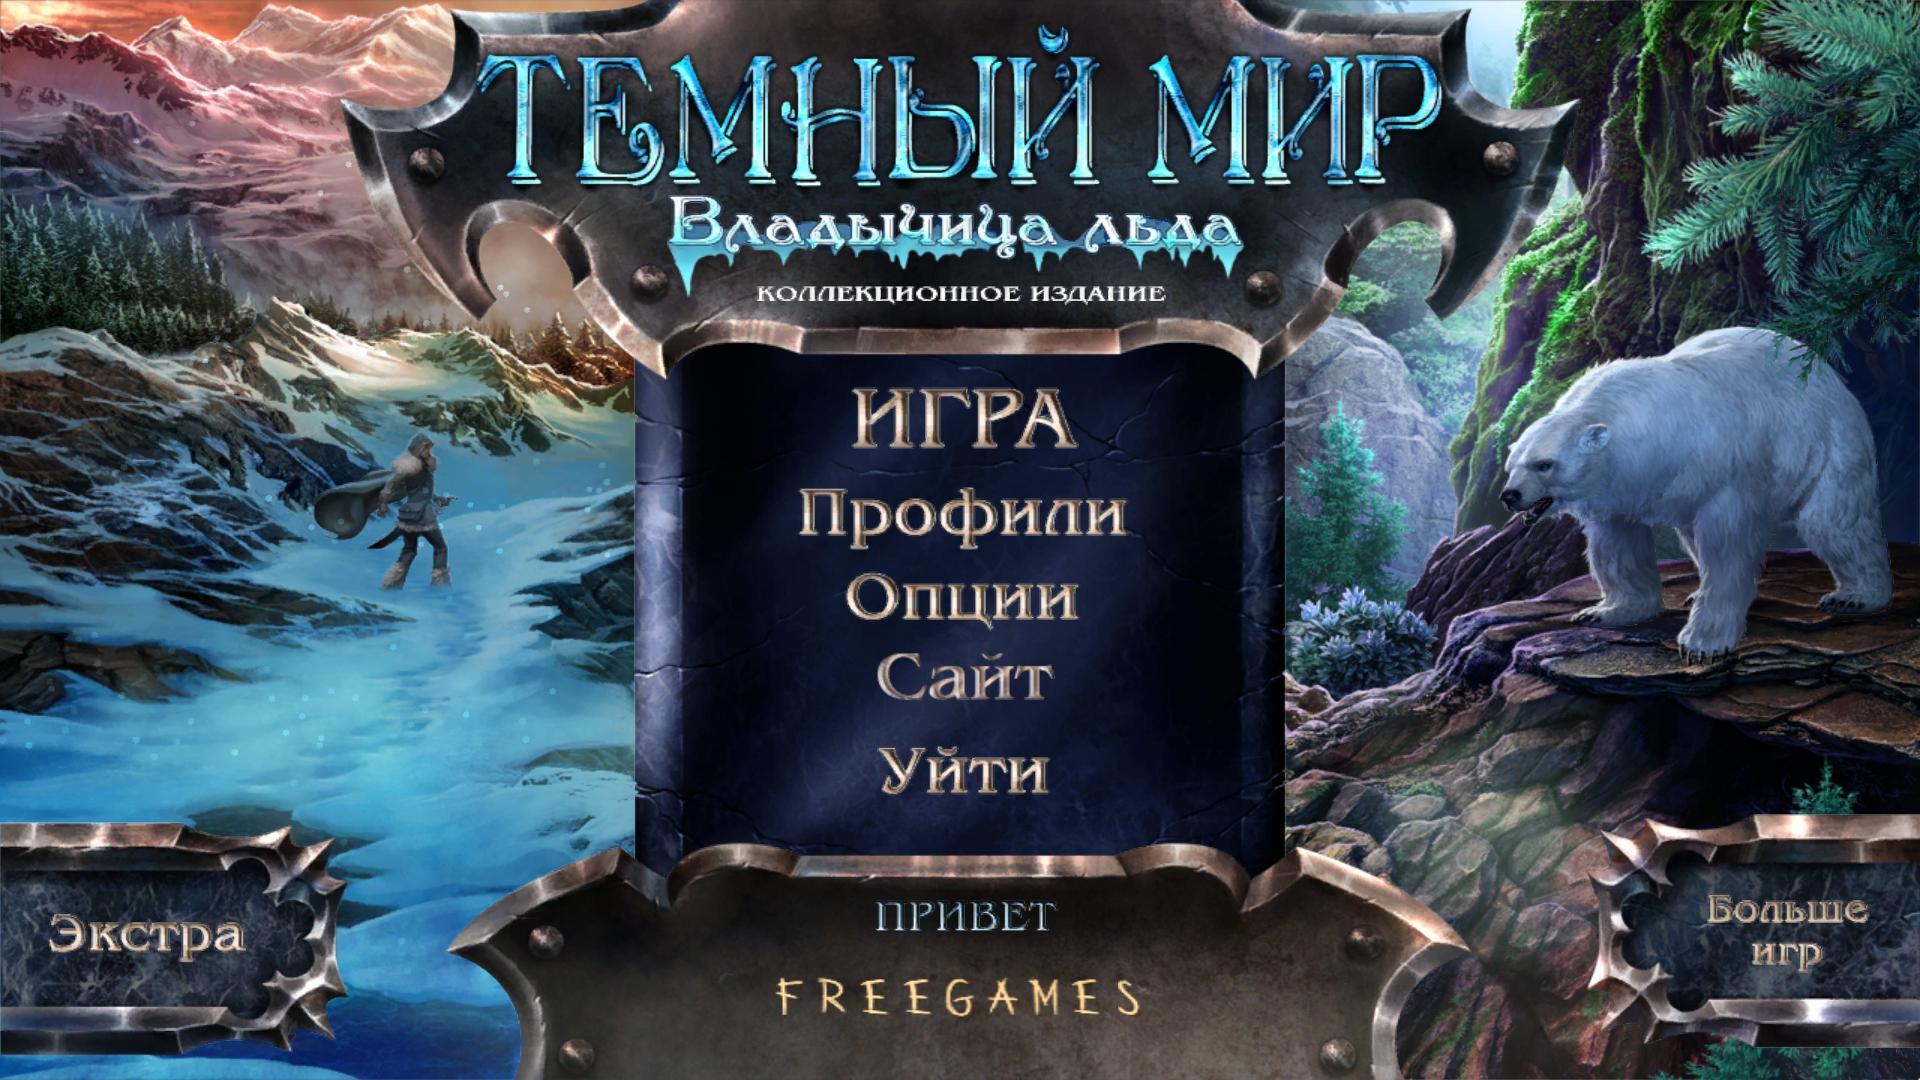 Темный мир 2: Владычица льда. Коллекционное издание | Dark Realm 2: Princess of Ice CE (Rus)